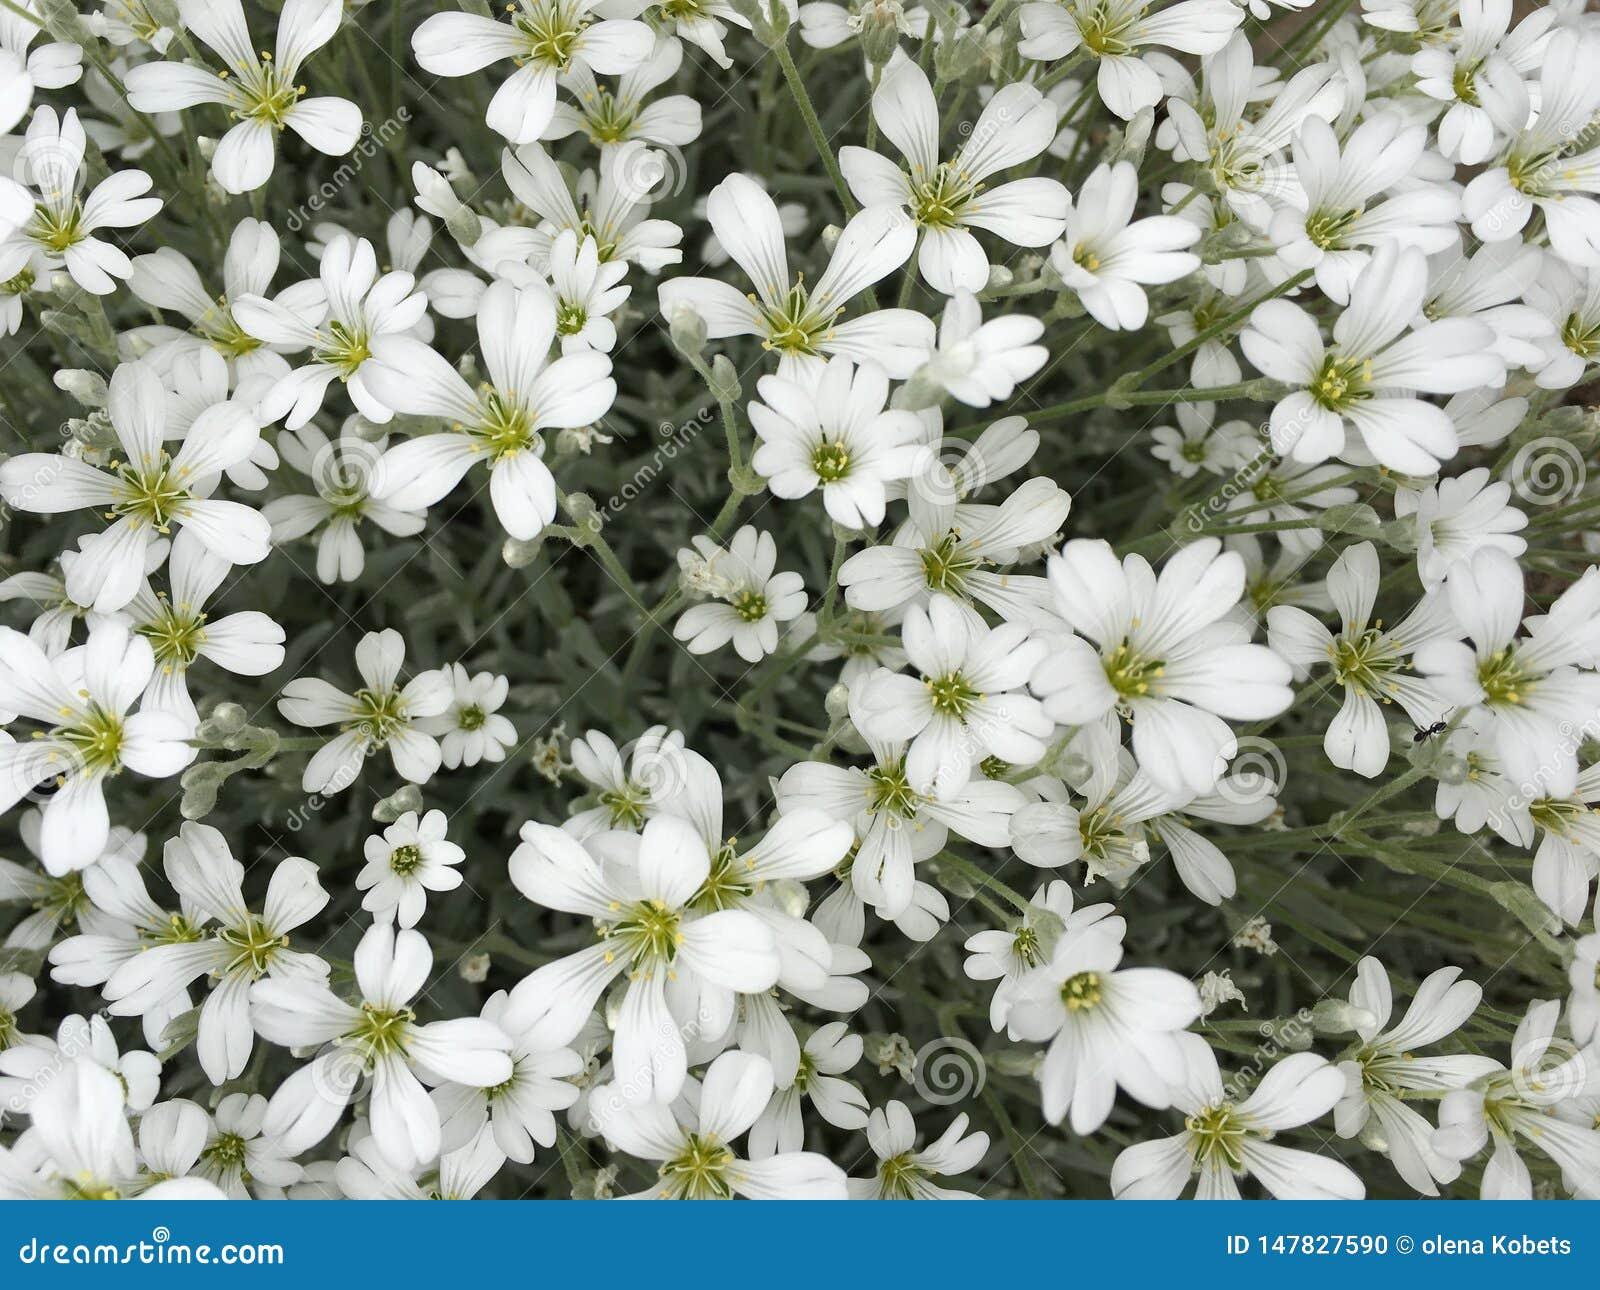 Λουλούδια, ακριβώς άσπρα μικρά λουλούδια, αλλά τόσο αρκετά